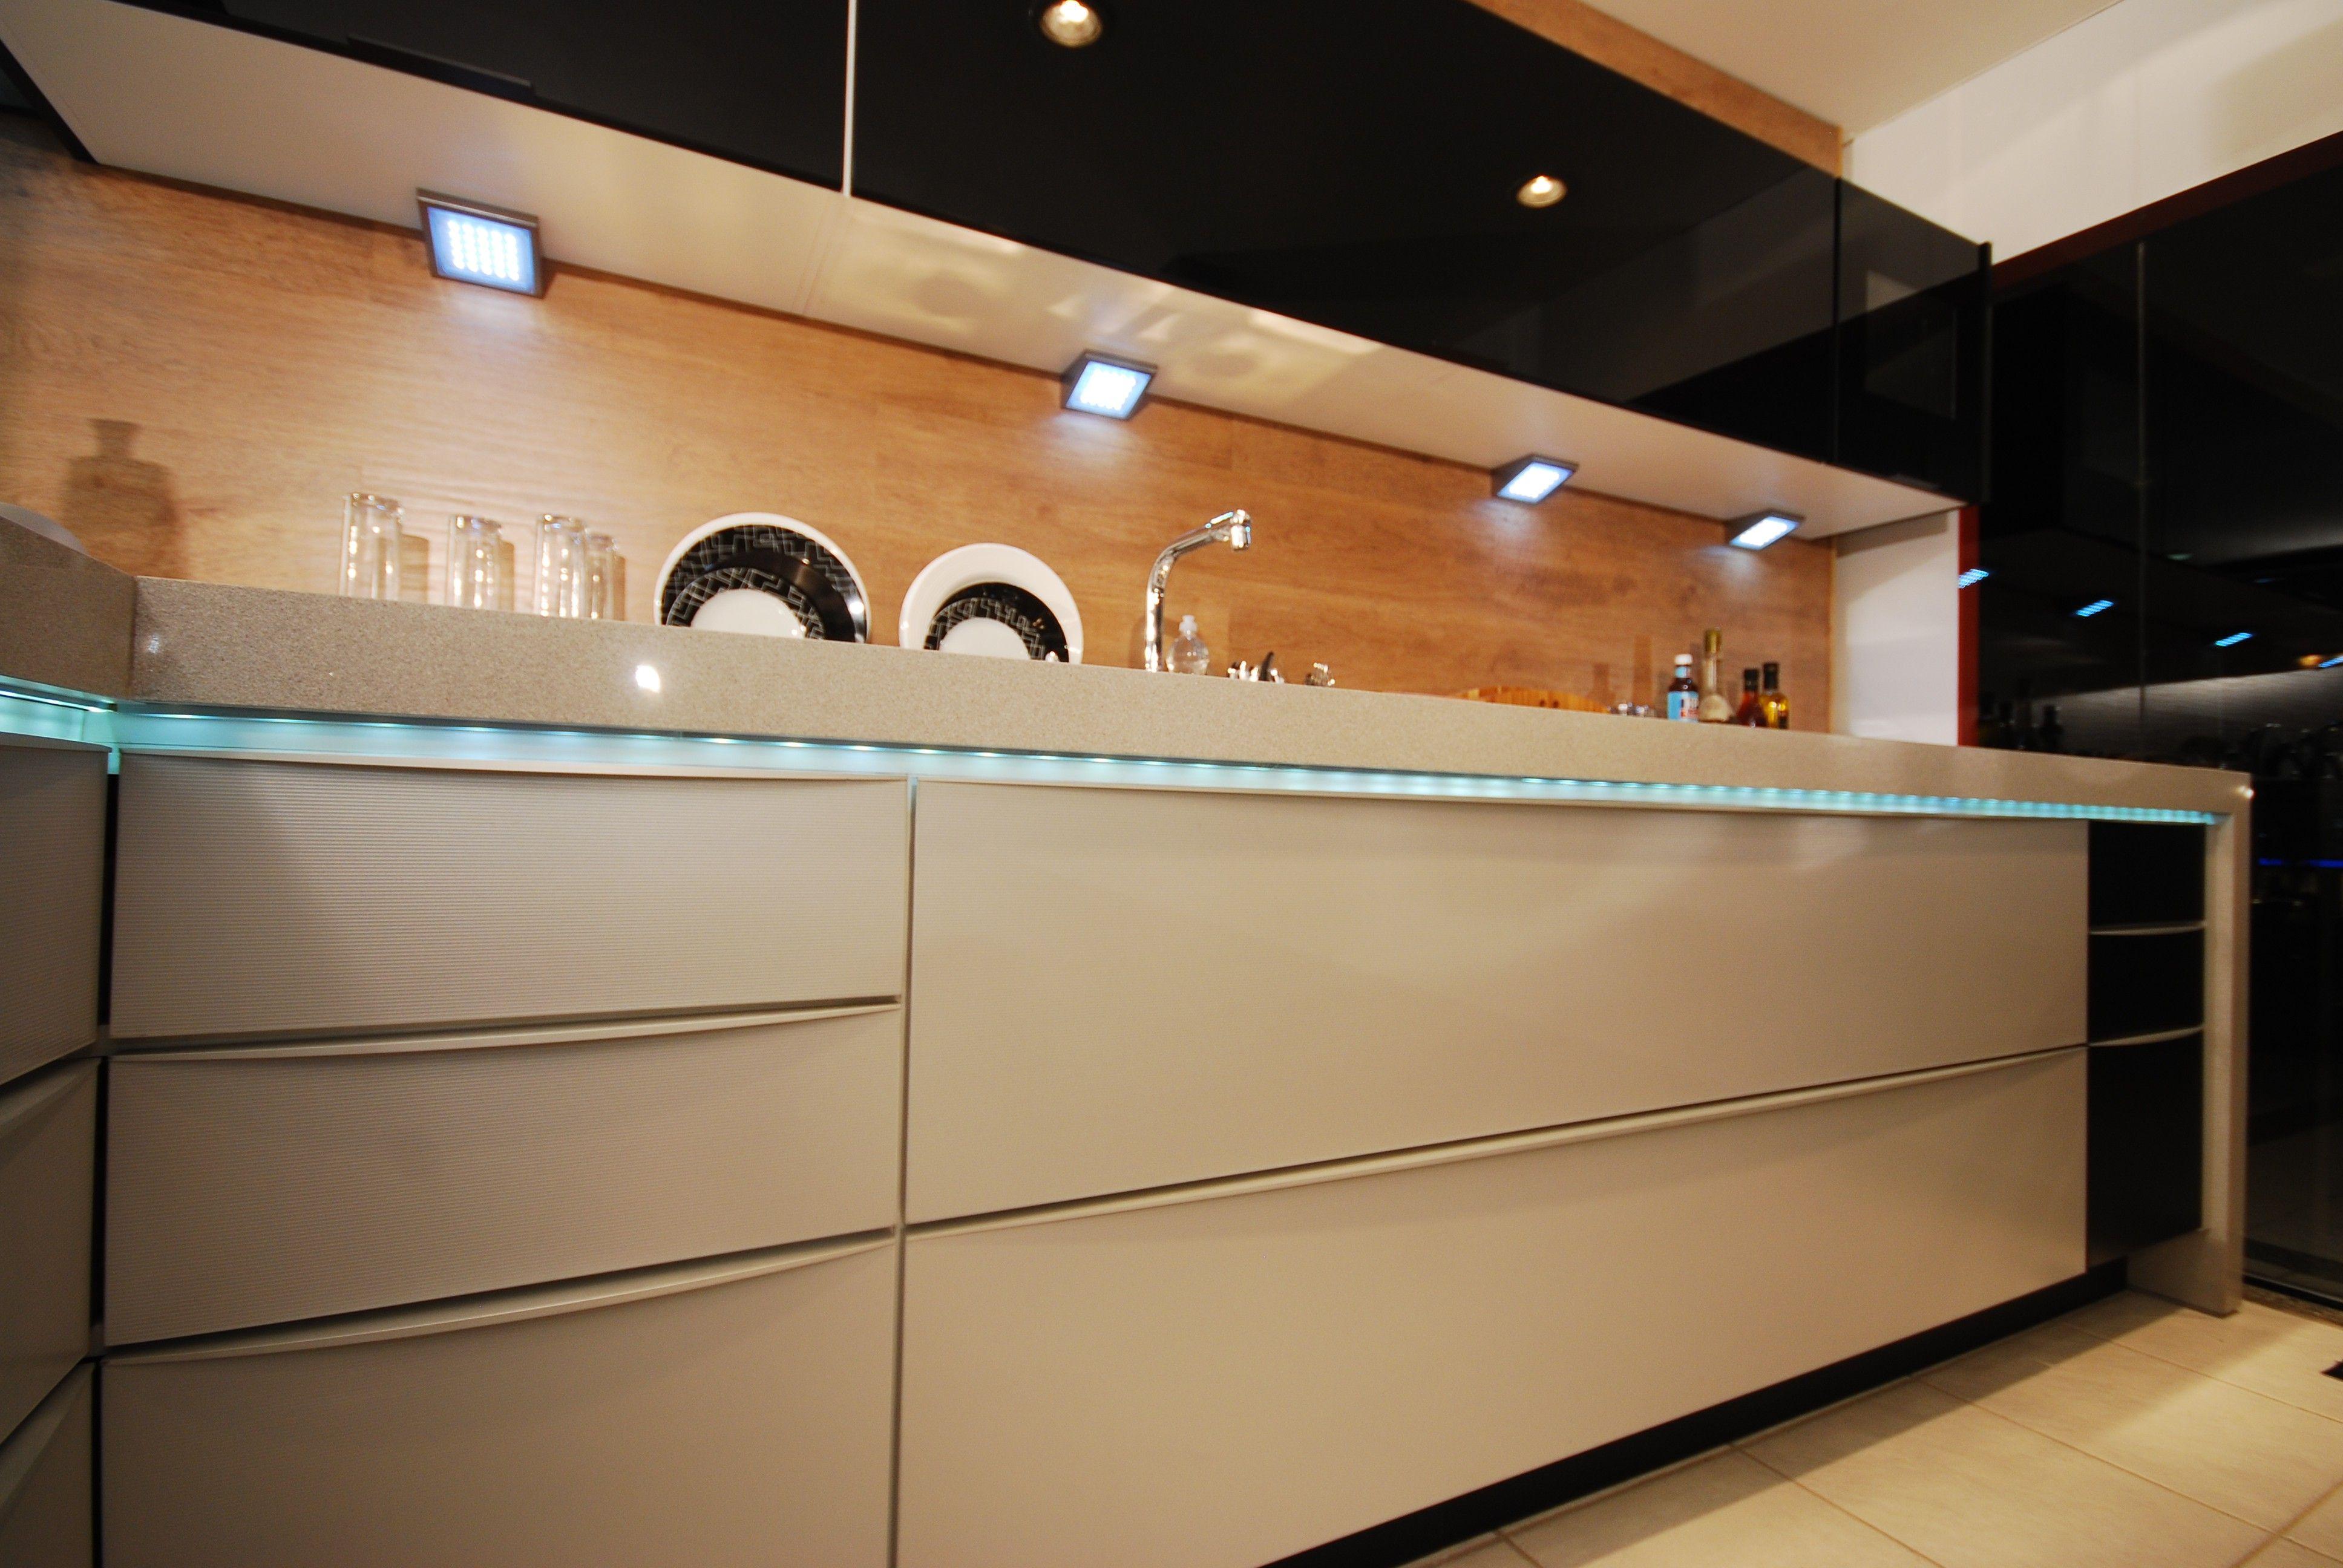 Lumin rias de led para arm rios de cozinha pesquisa google cozinhas pinterest lumin ria - Luces led a pilas para armarios ...